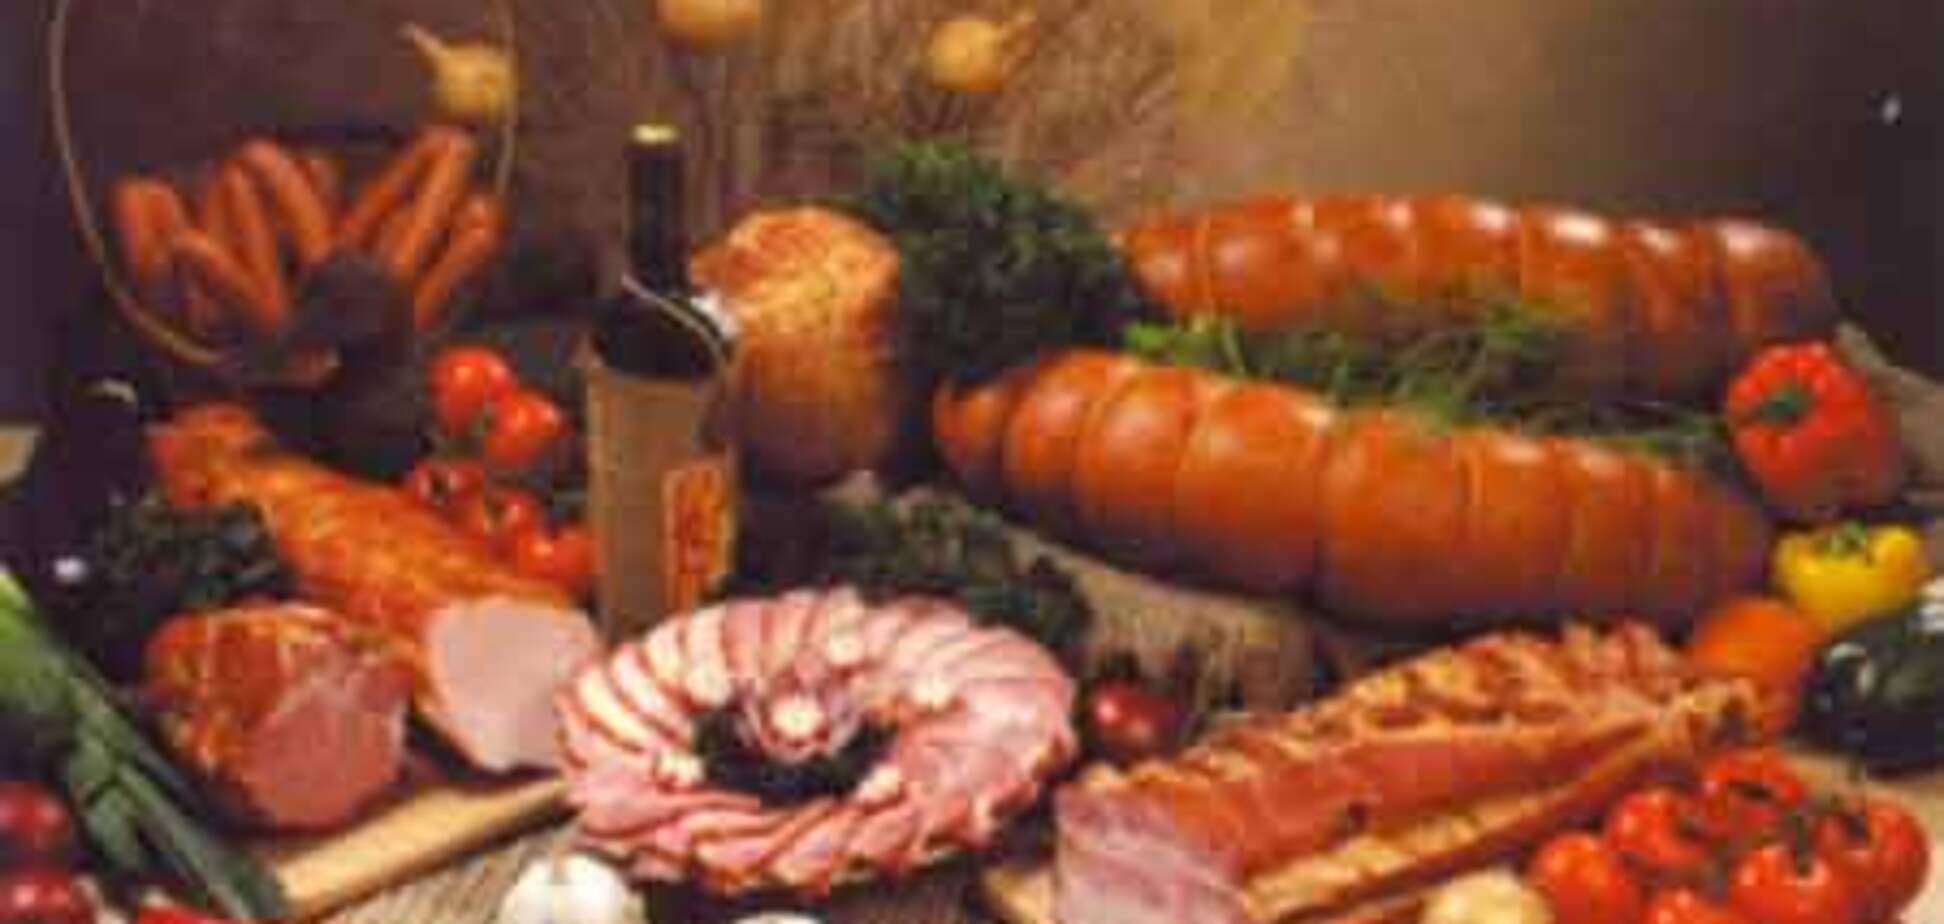 Употребление большого количества мяса приводит к слепоте